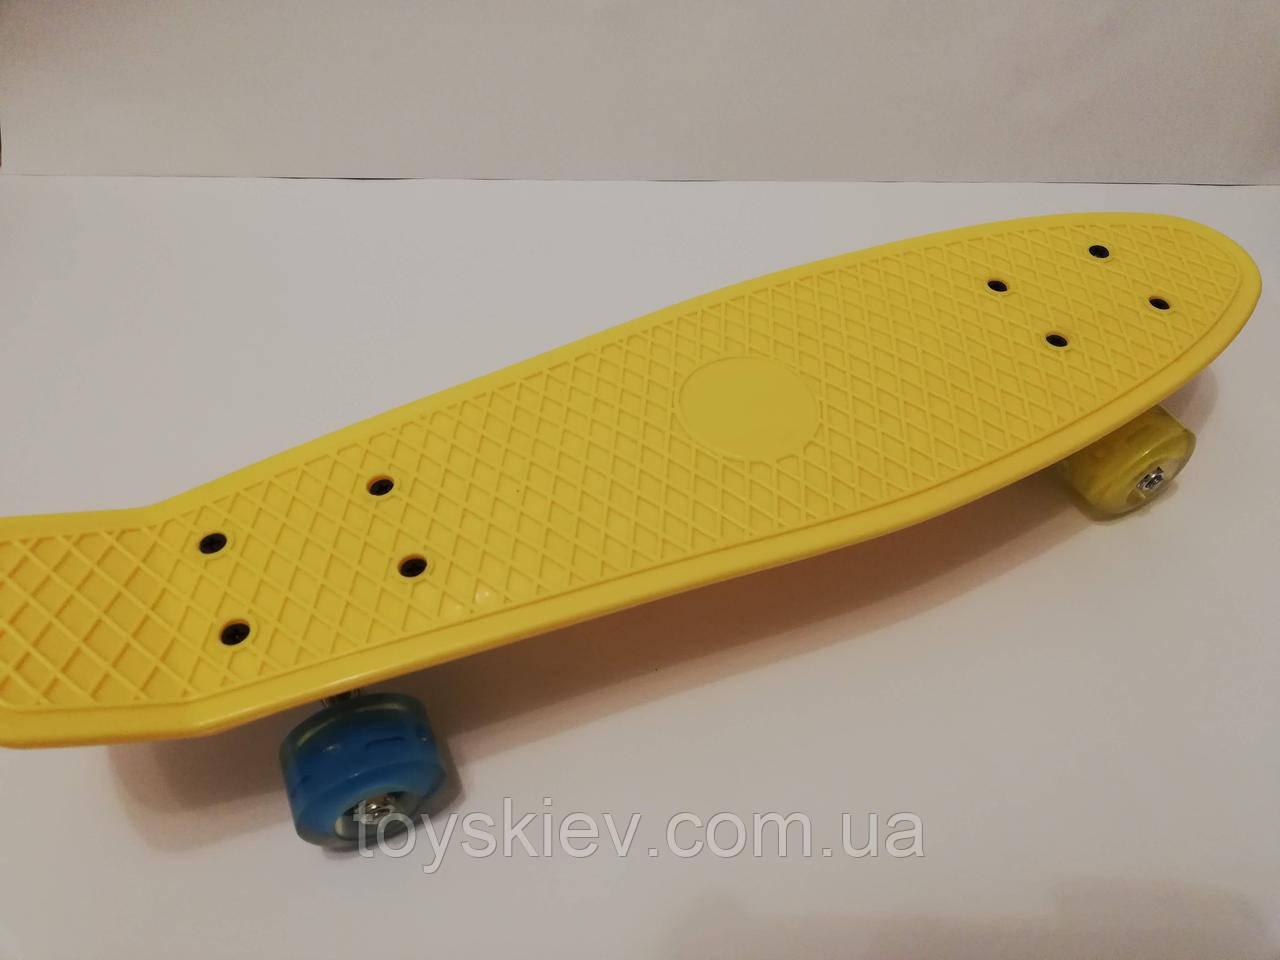 Скейт Пенни борд (Penny board) светящиеся колёса. 55см. 44-1-2